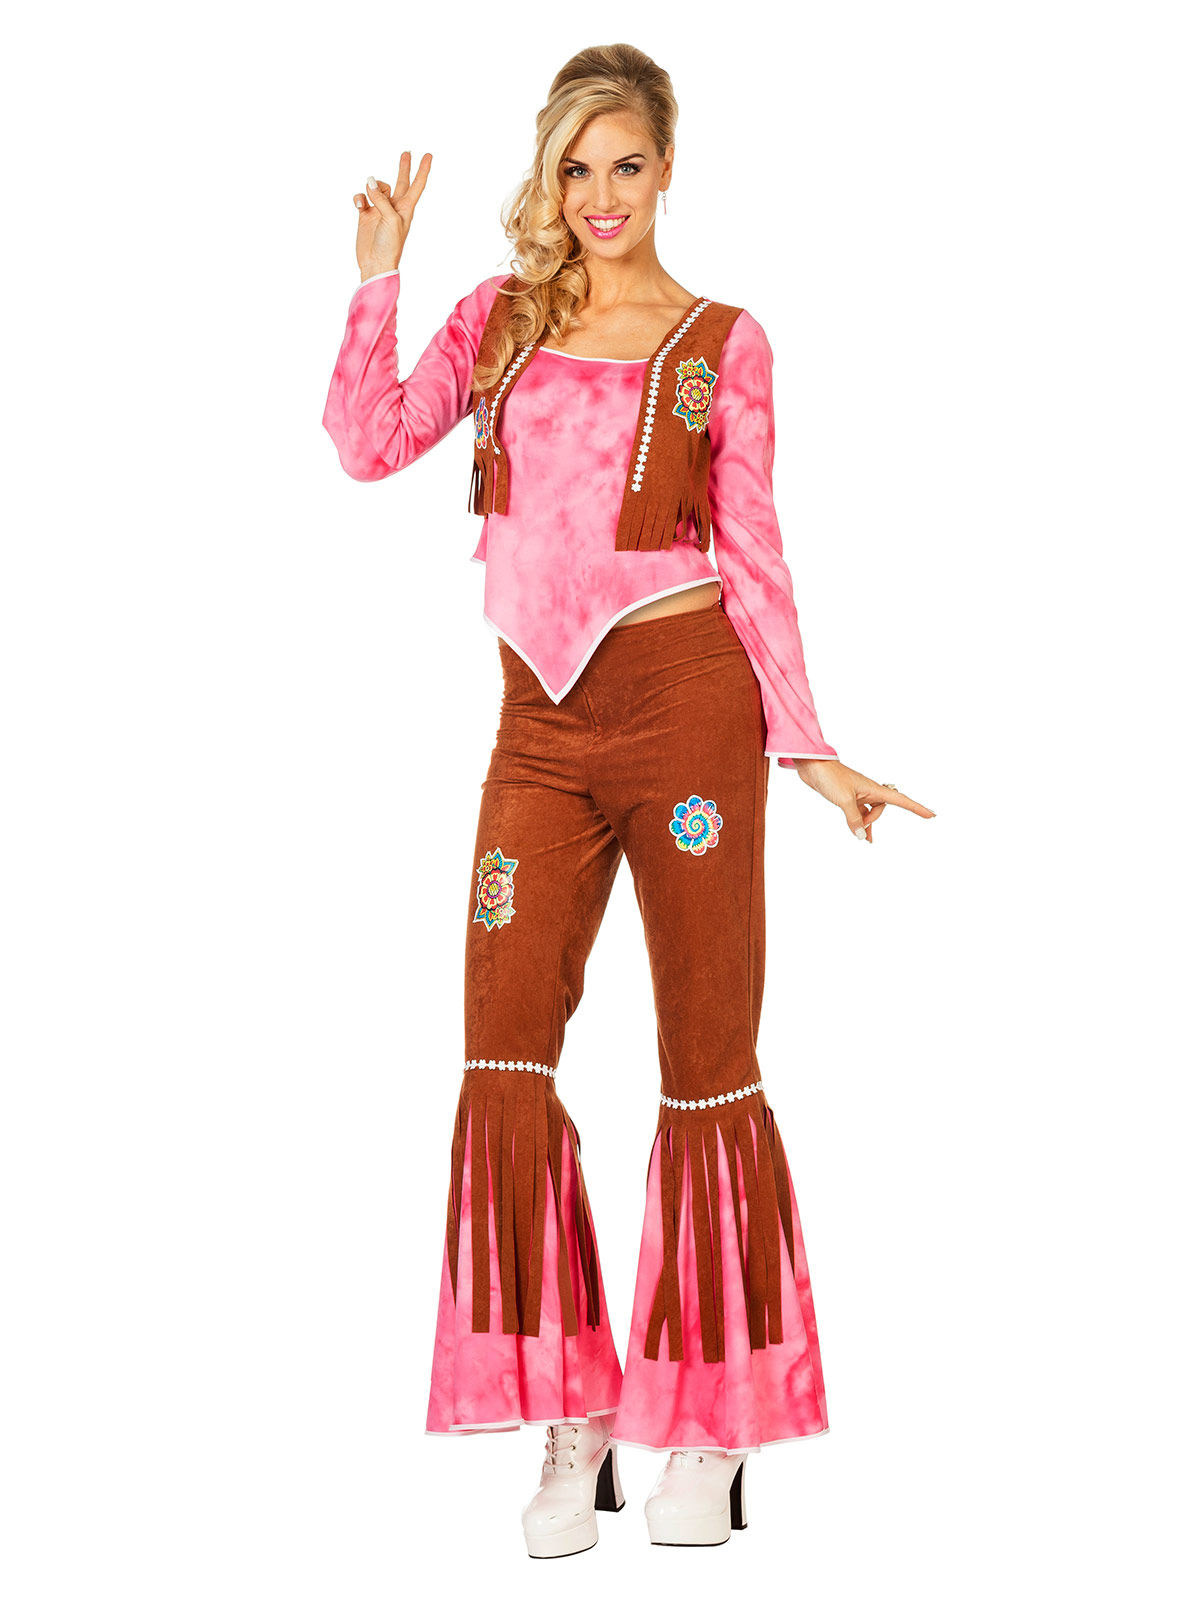 Déguisement hippie rose et marron pour femme   Deguise-toi, achat de ... fea871aaa193